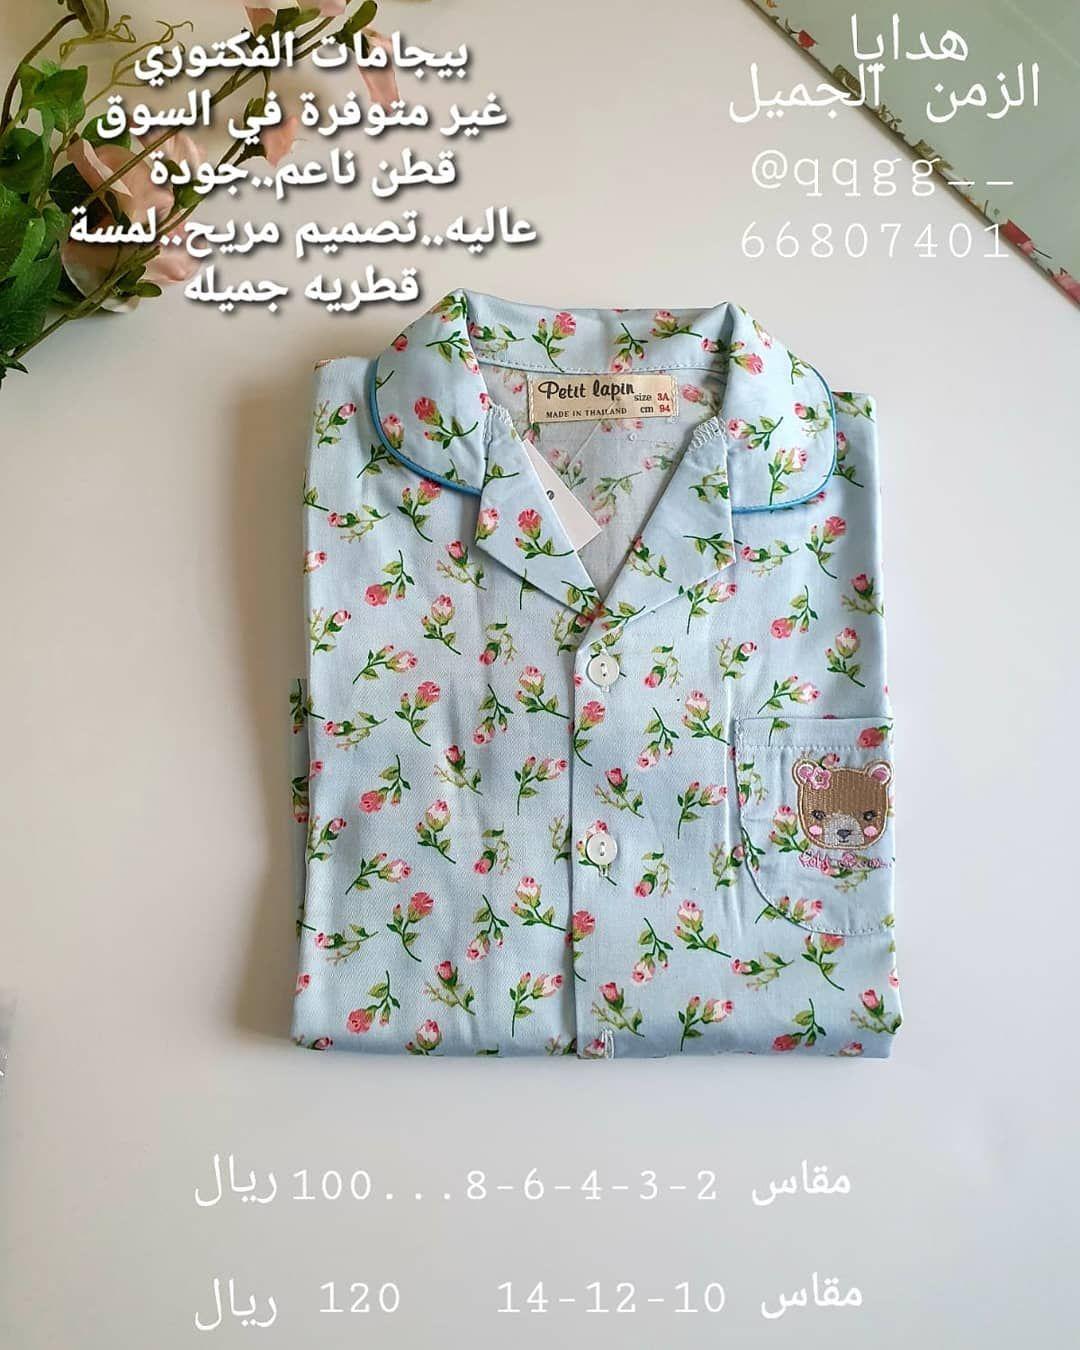 القطعه100ريال التوصيل علينا من تبحث عن الجوده والأناقة بيجامات الزمن الجميل غير متوفره في السوق خاص بالحساب قماش In 2020 Mens Tops Down Shirt Button Down Shirt